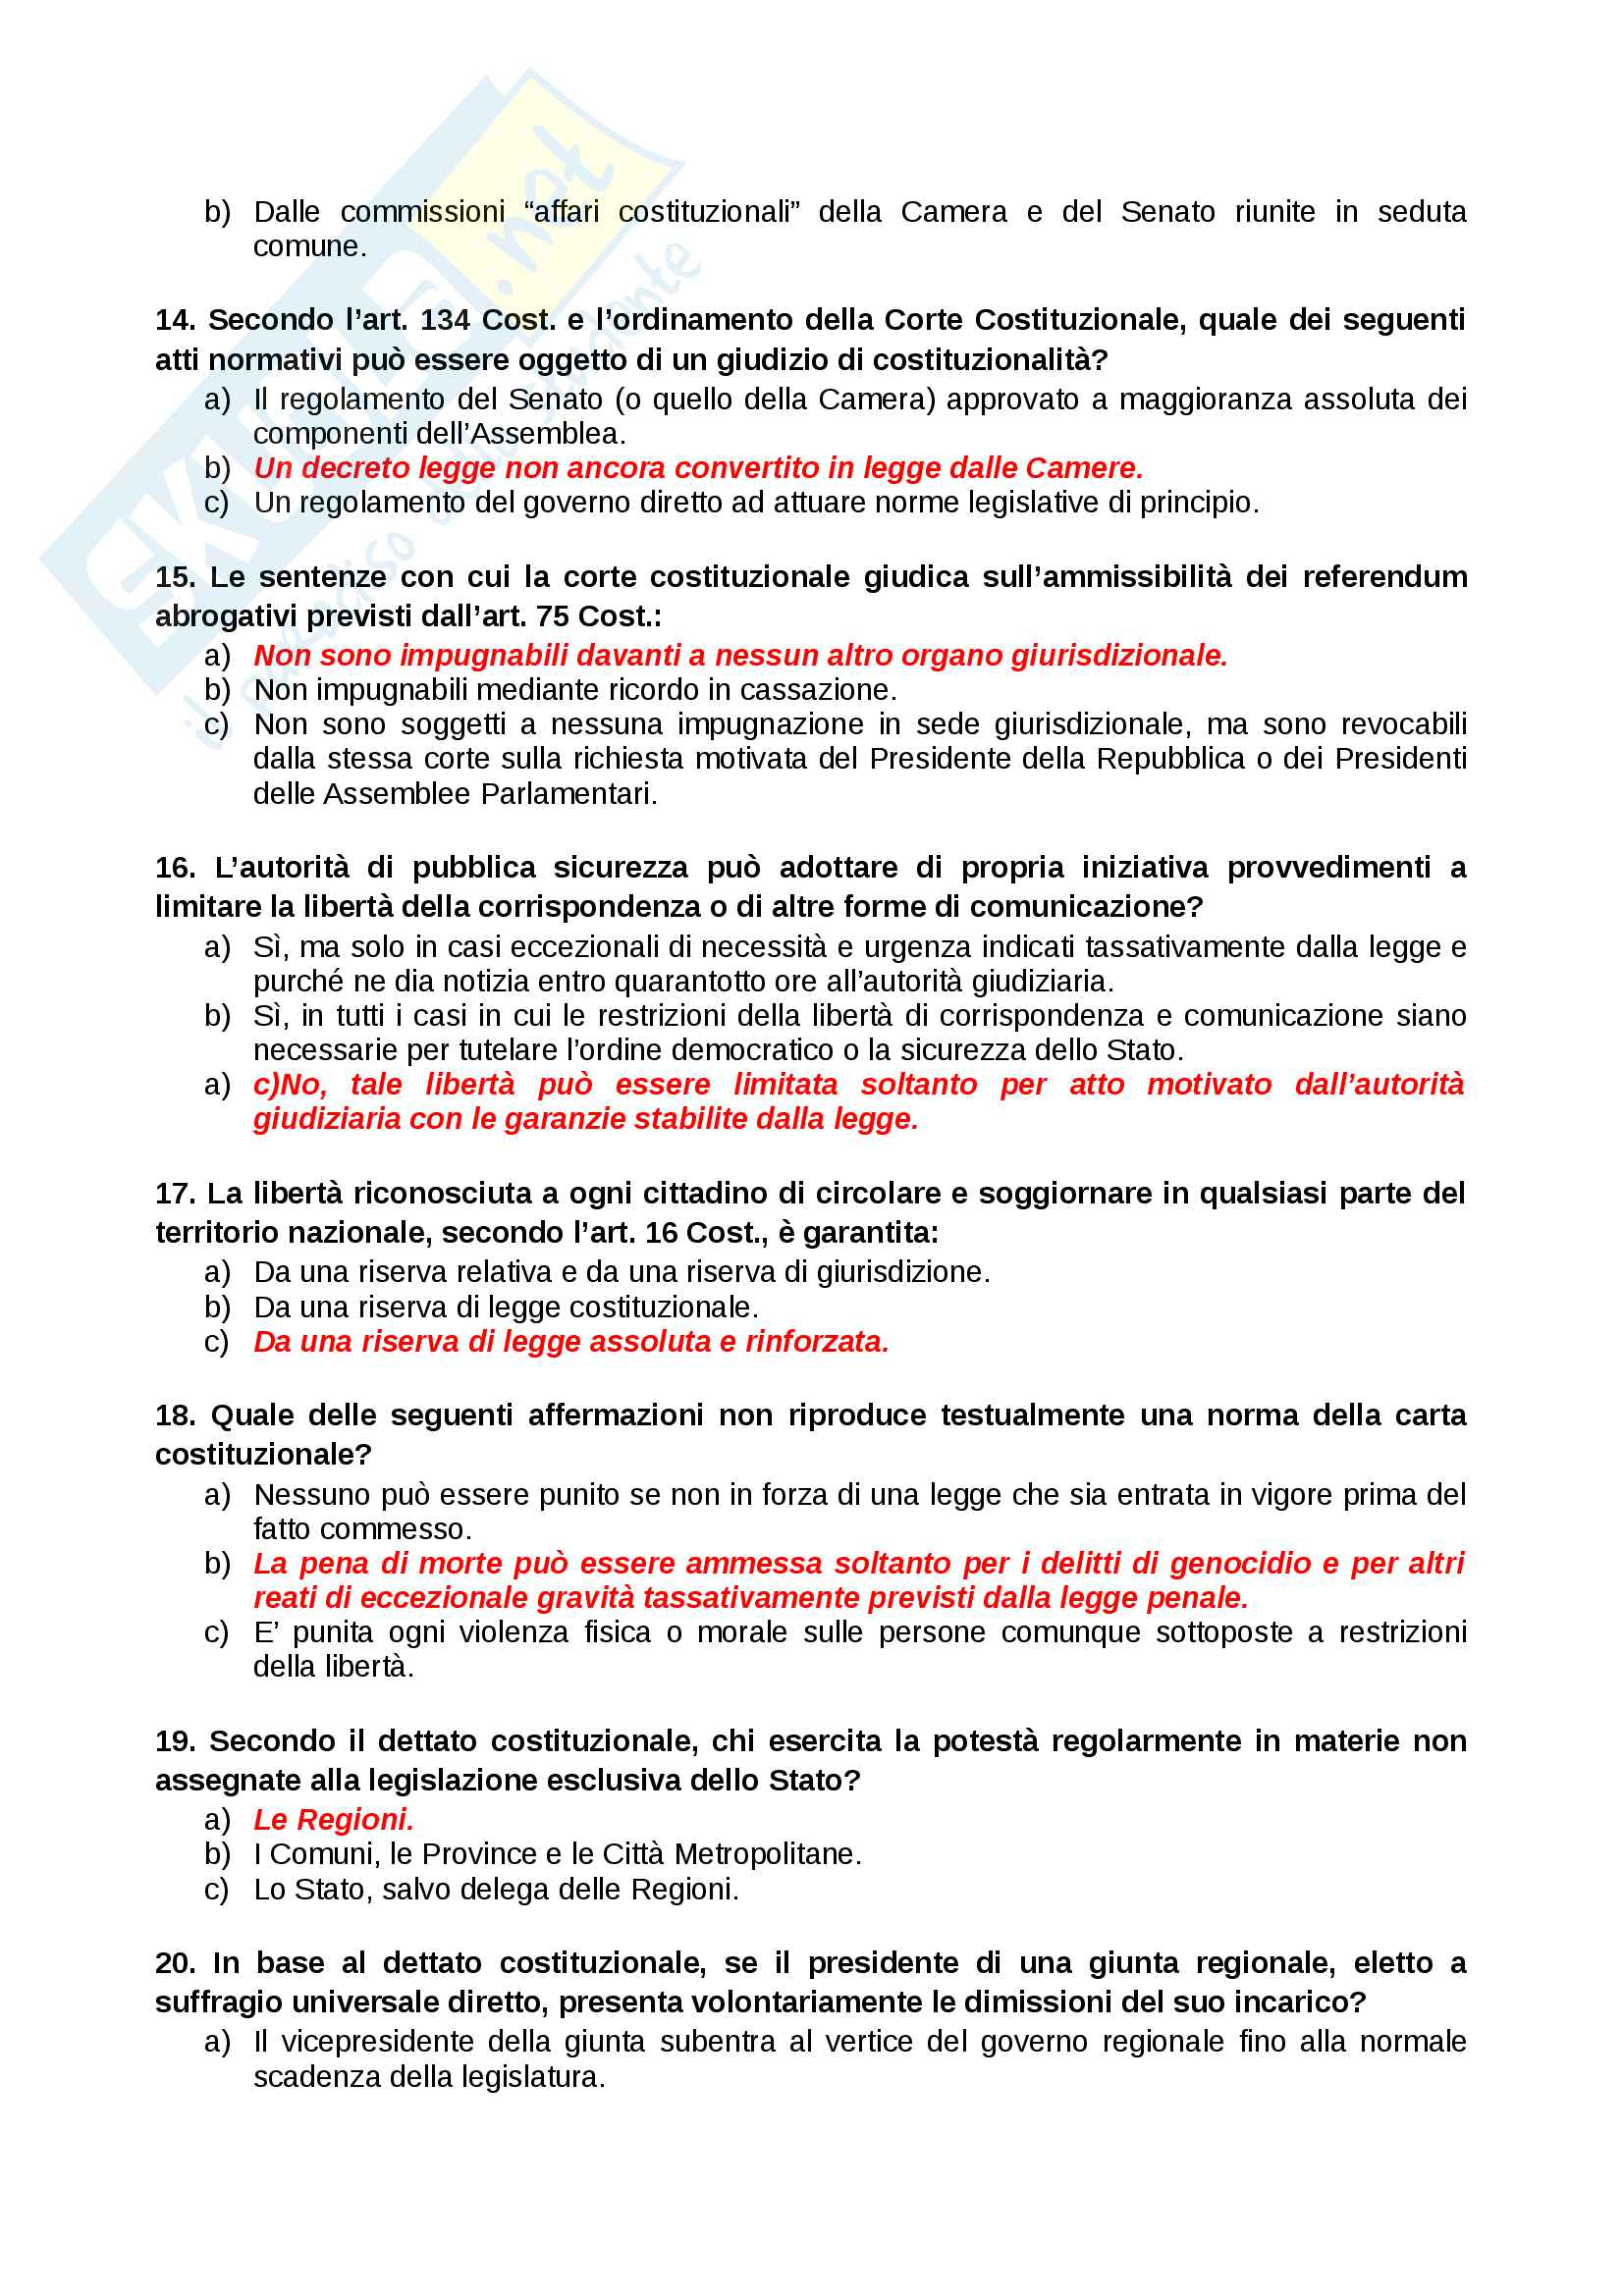 Lezioni di Diritto Pubblico Pag. 66